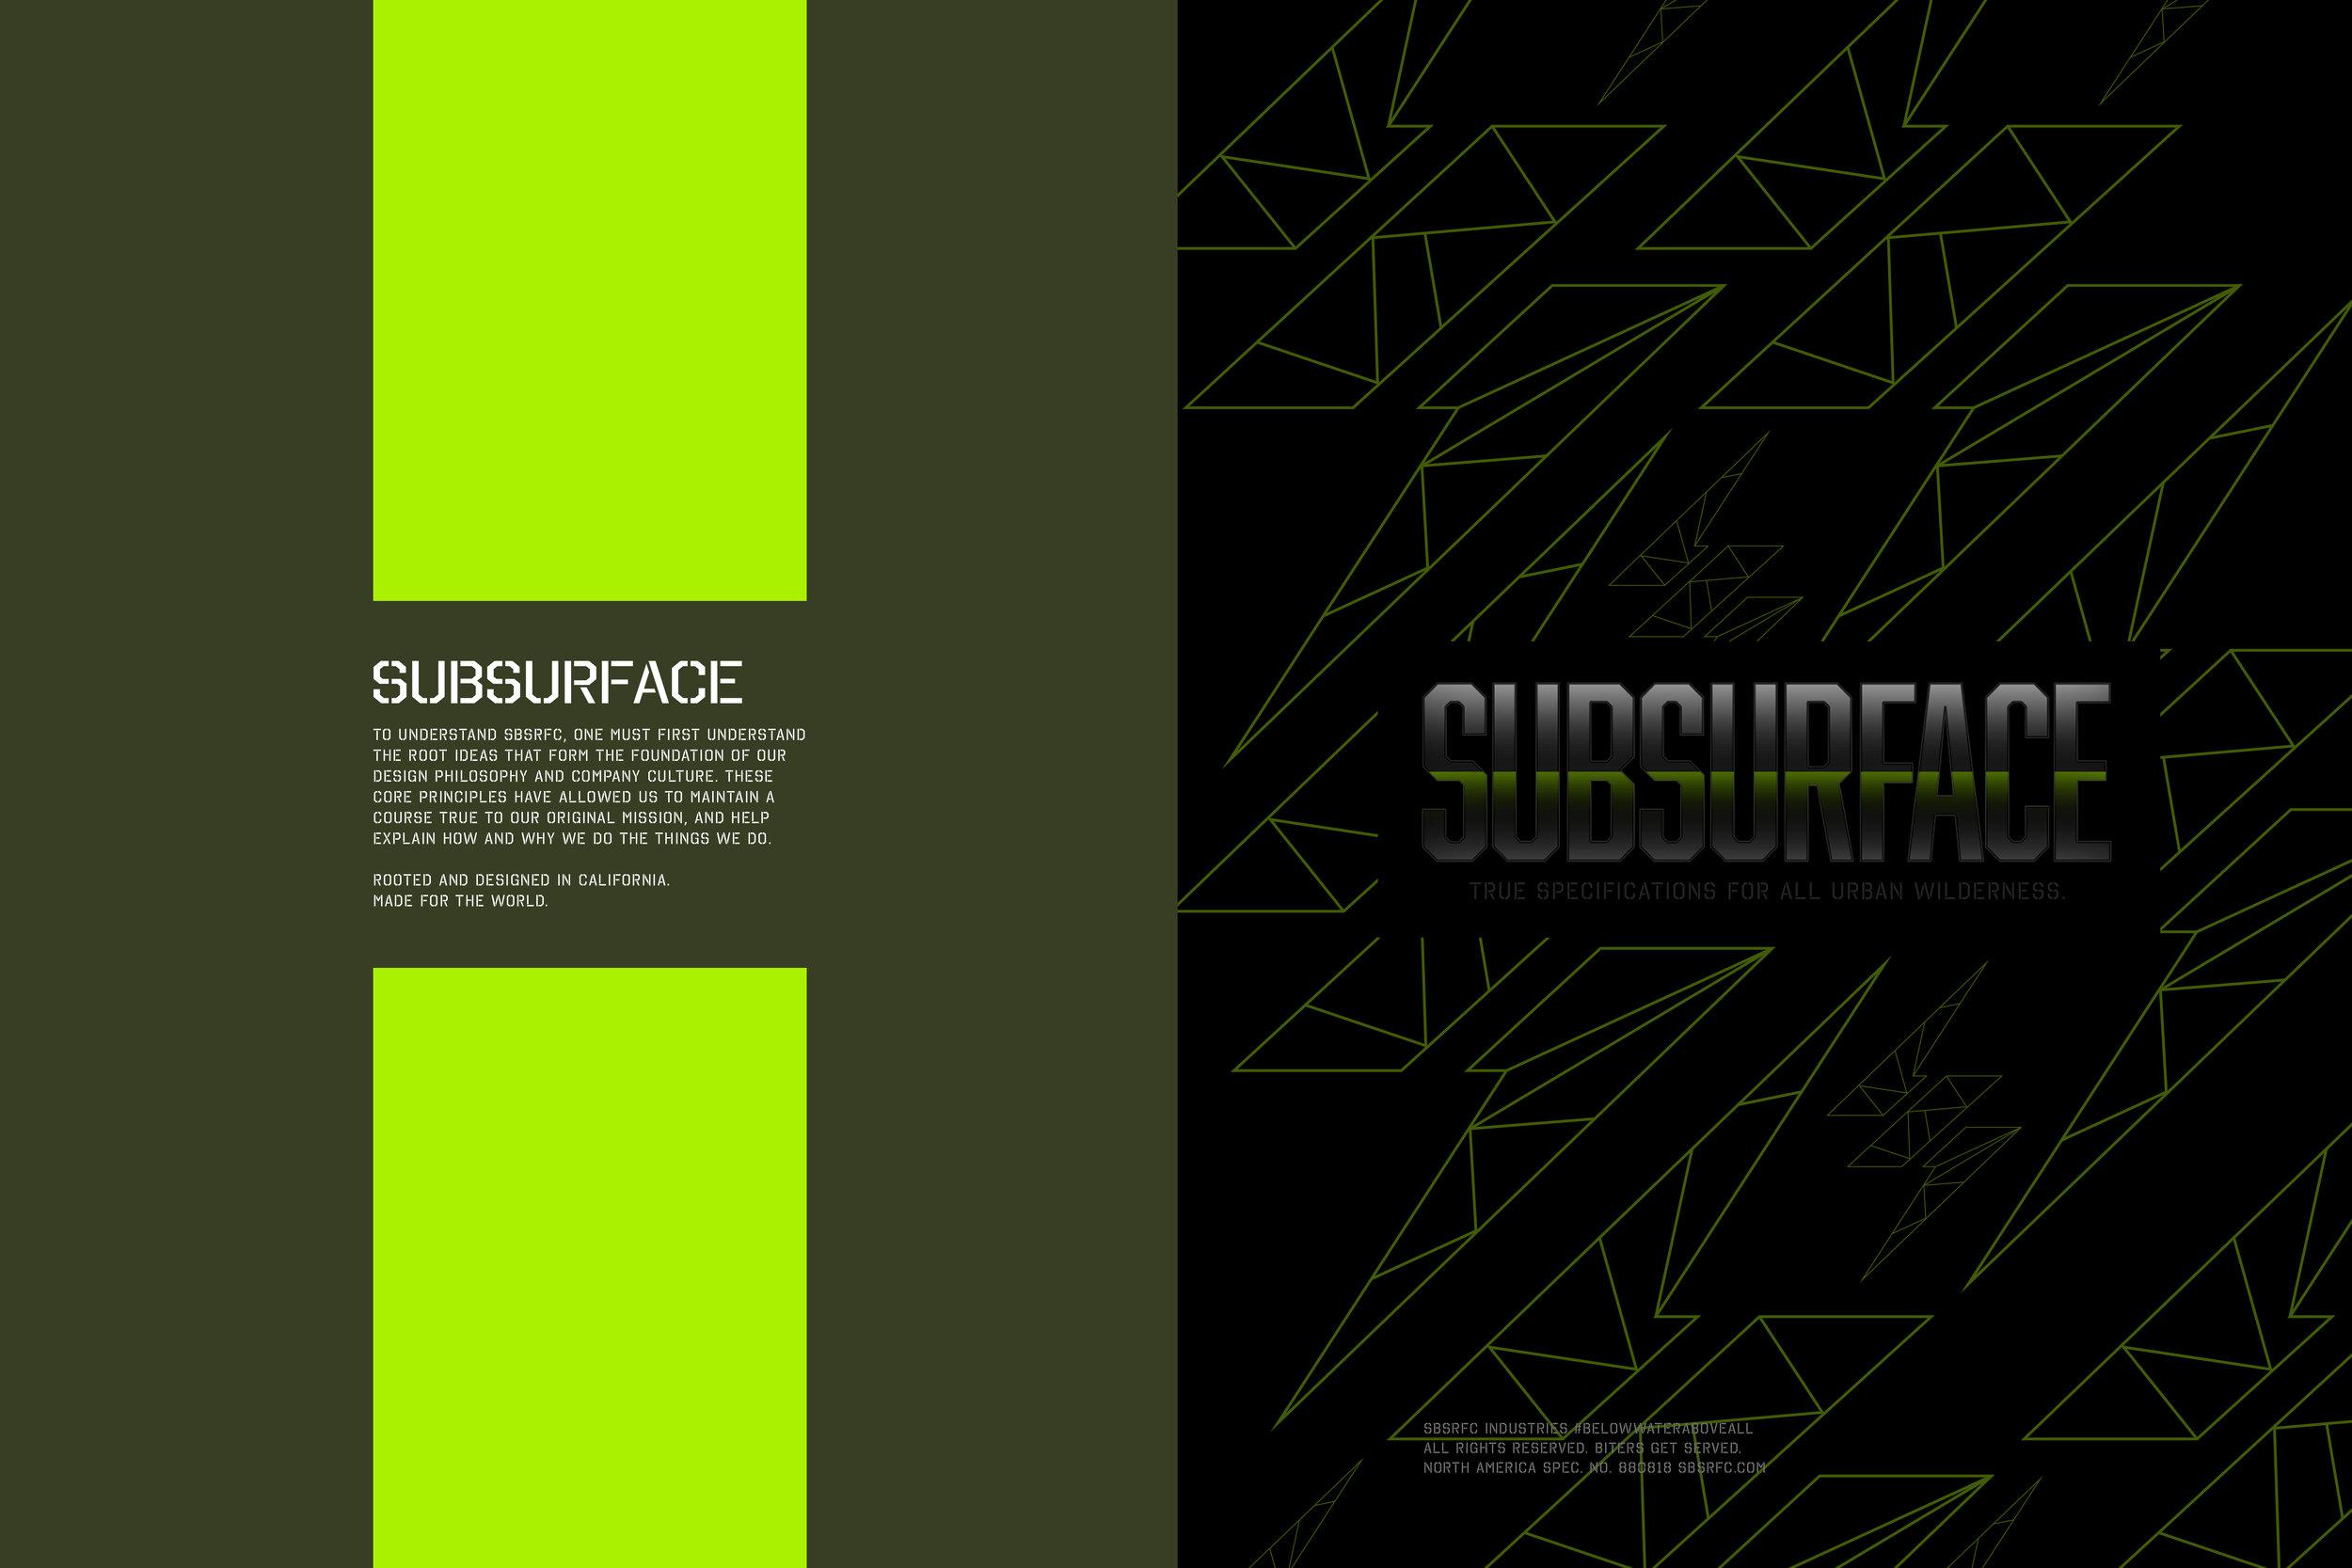 SBSRFC_Creative_Capabilities_Group_5.jpg